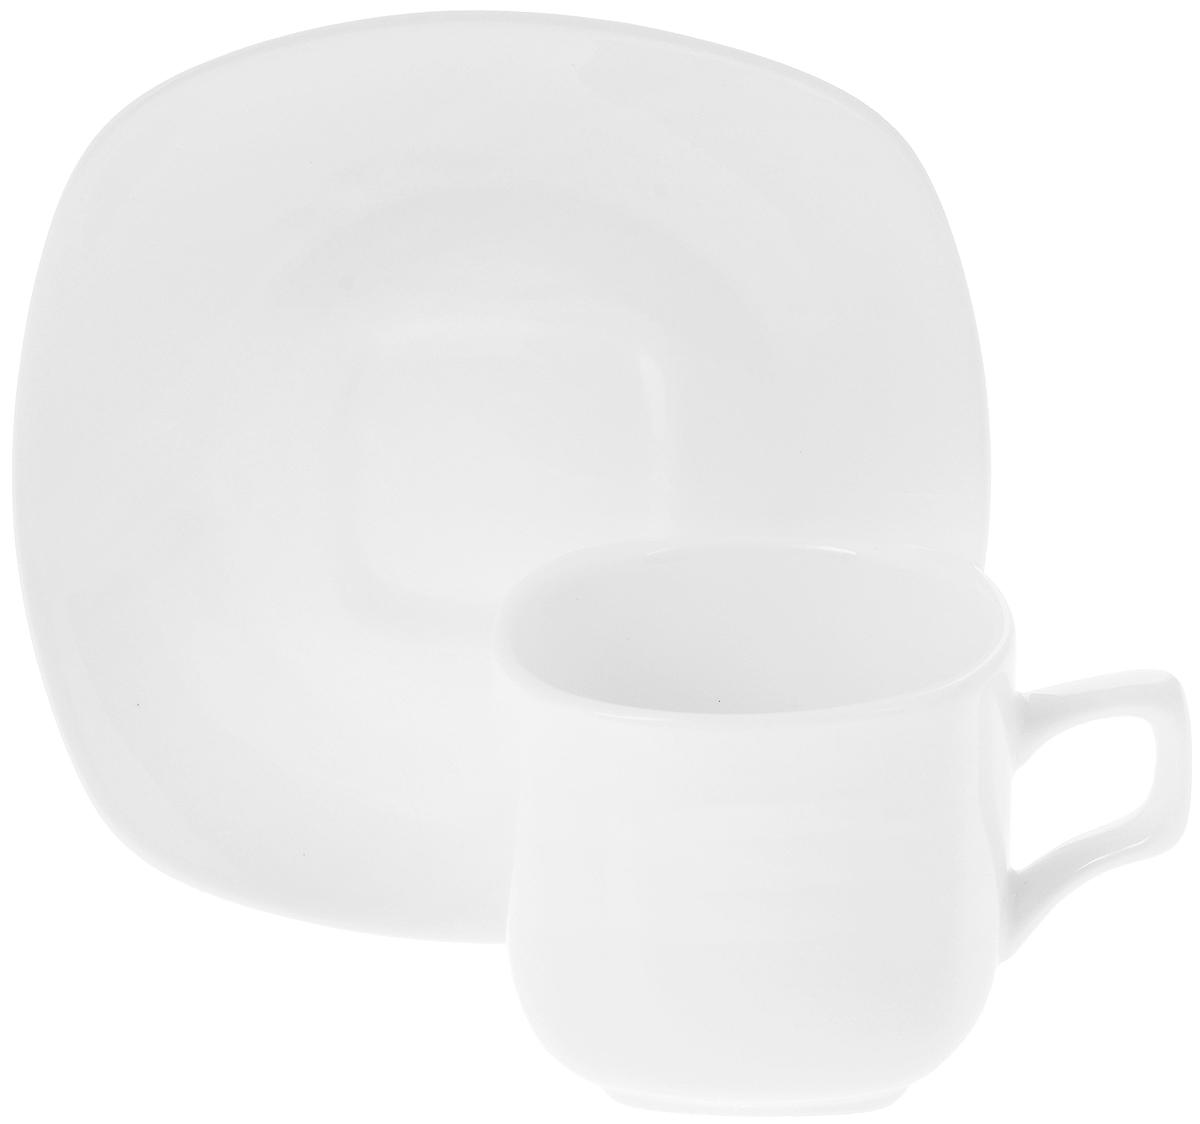 Фото - Чайная пара Wilmax, 2 предмета. WL-993003 [супермаркет] jingdong геб scybe фил приблизительно круглая чашка установлена в вертикальном положении стеклянной чашки 290мла 6 z